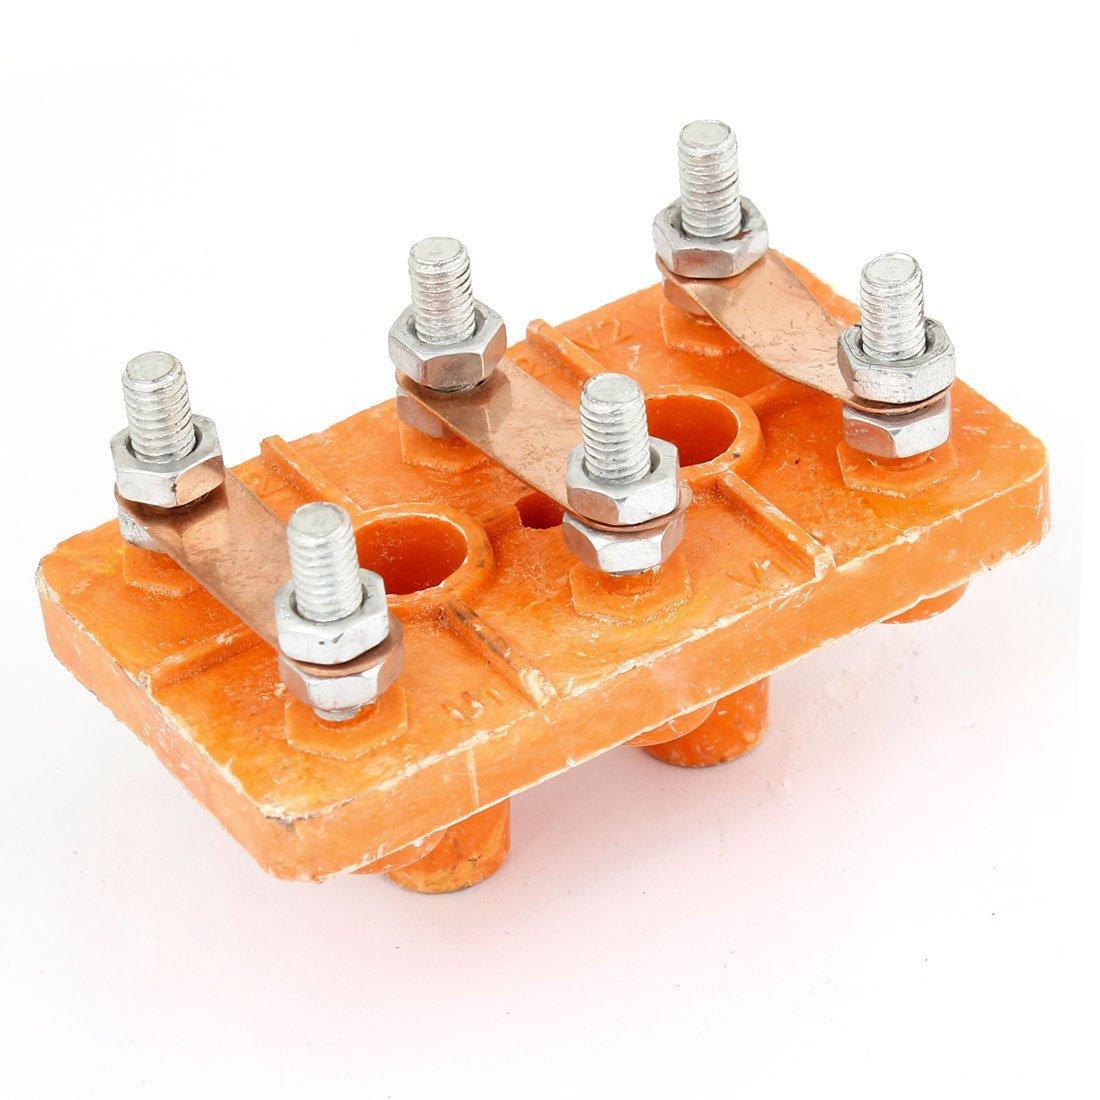 Y160-180 Three-phase Motor Terminal Block Wiring Board Orange DealMux DLM-B00NQ0MWDO